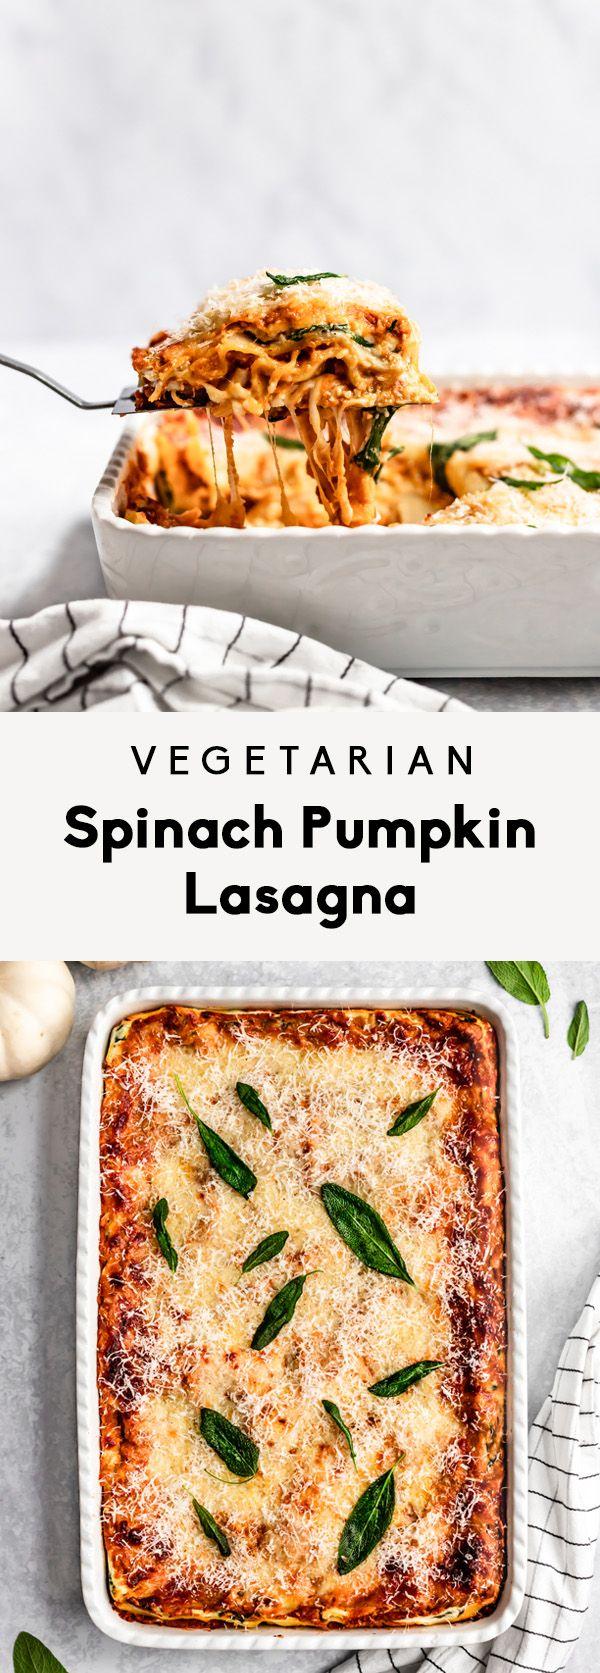 Vegetarian Spinach Pumpkin Lasagna   Ambitious Kitchen